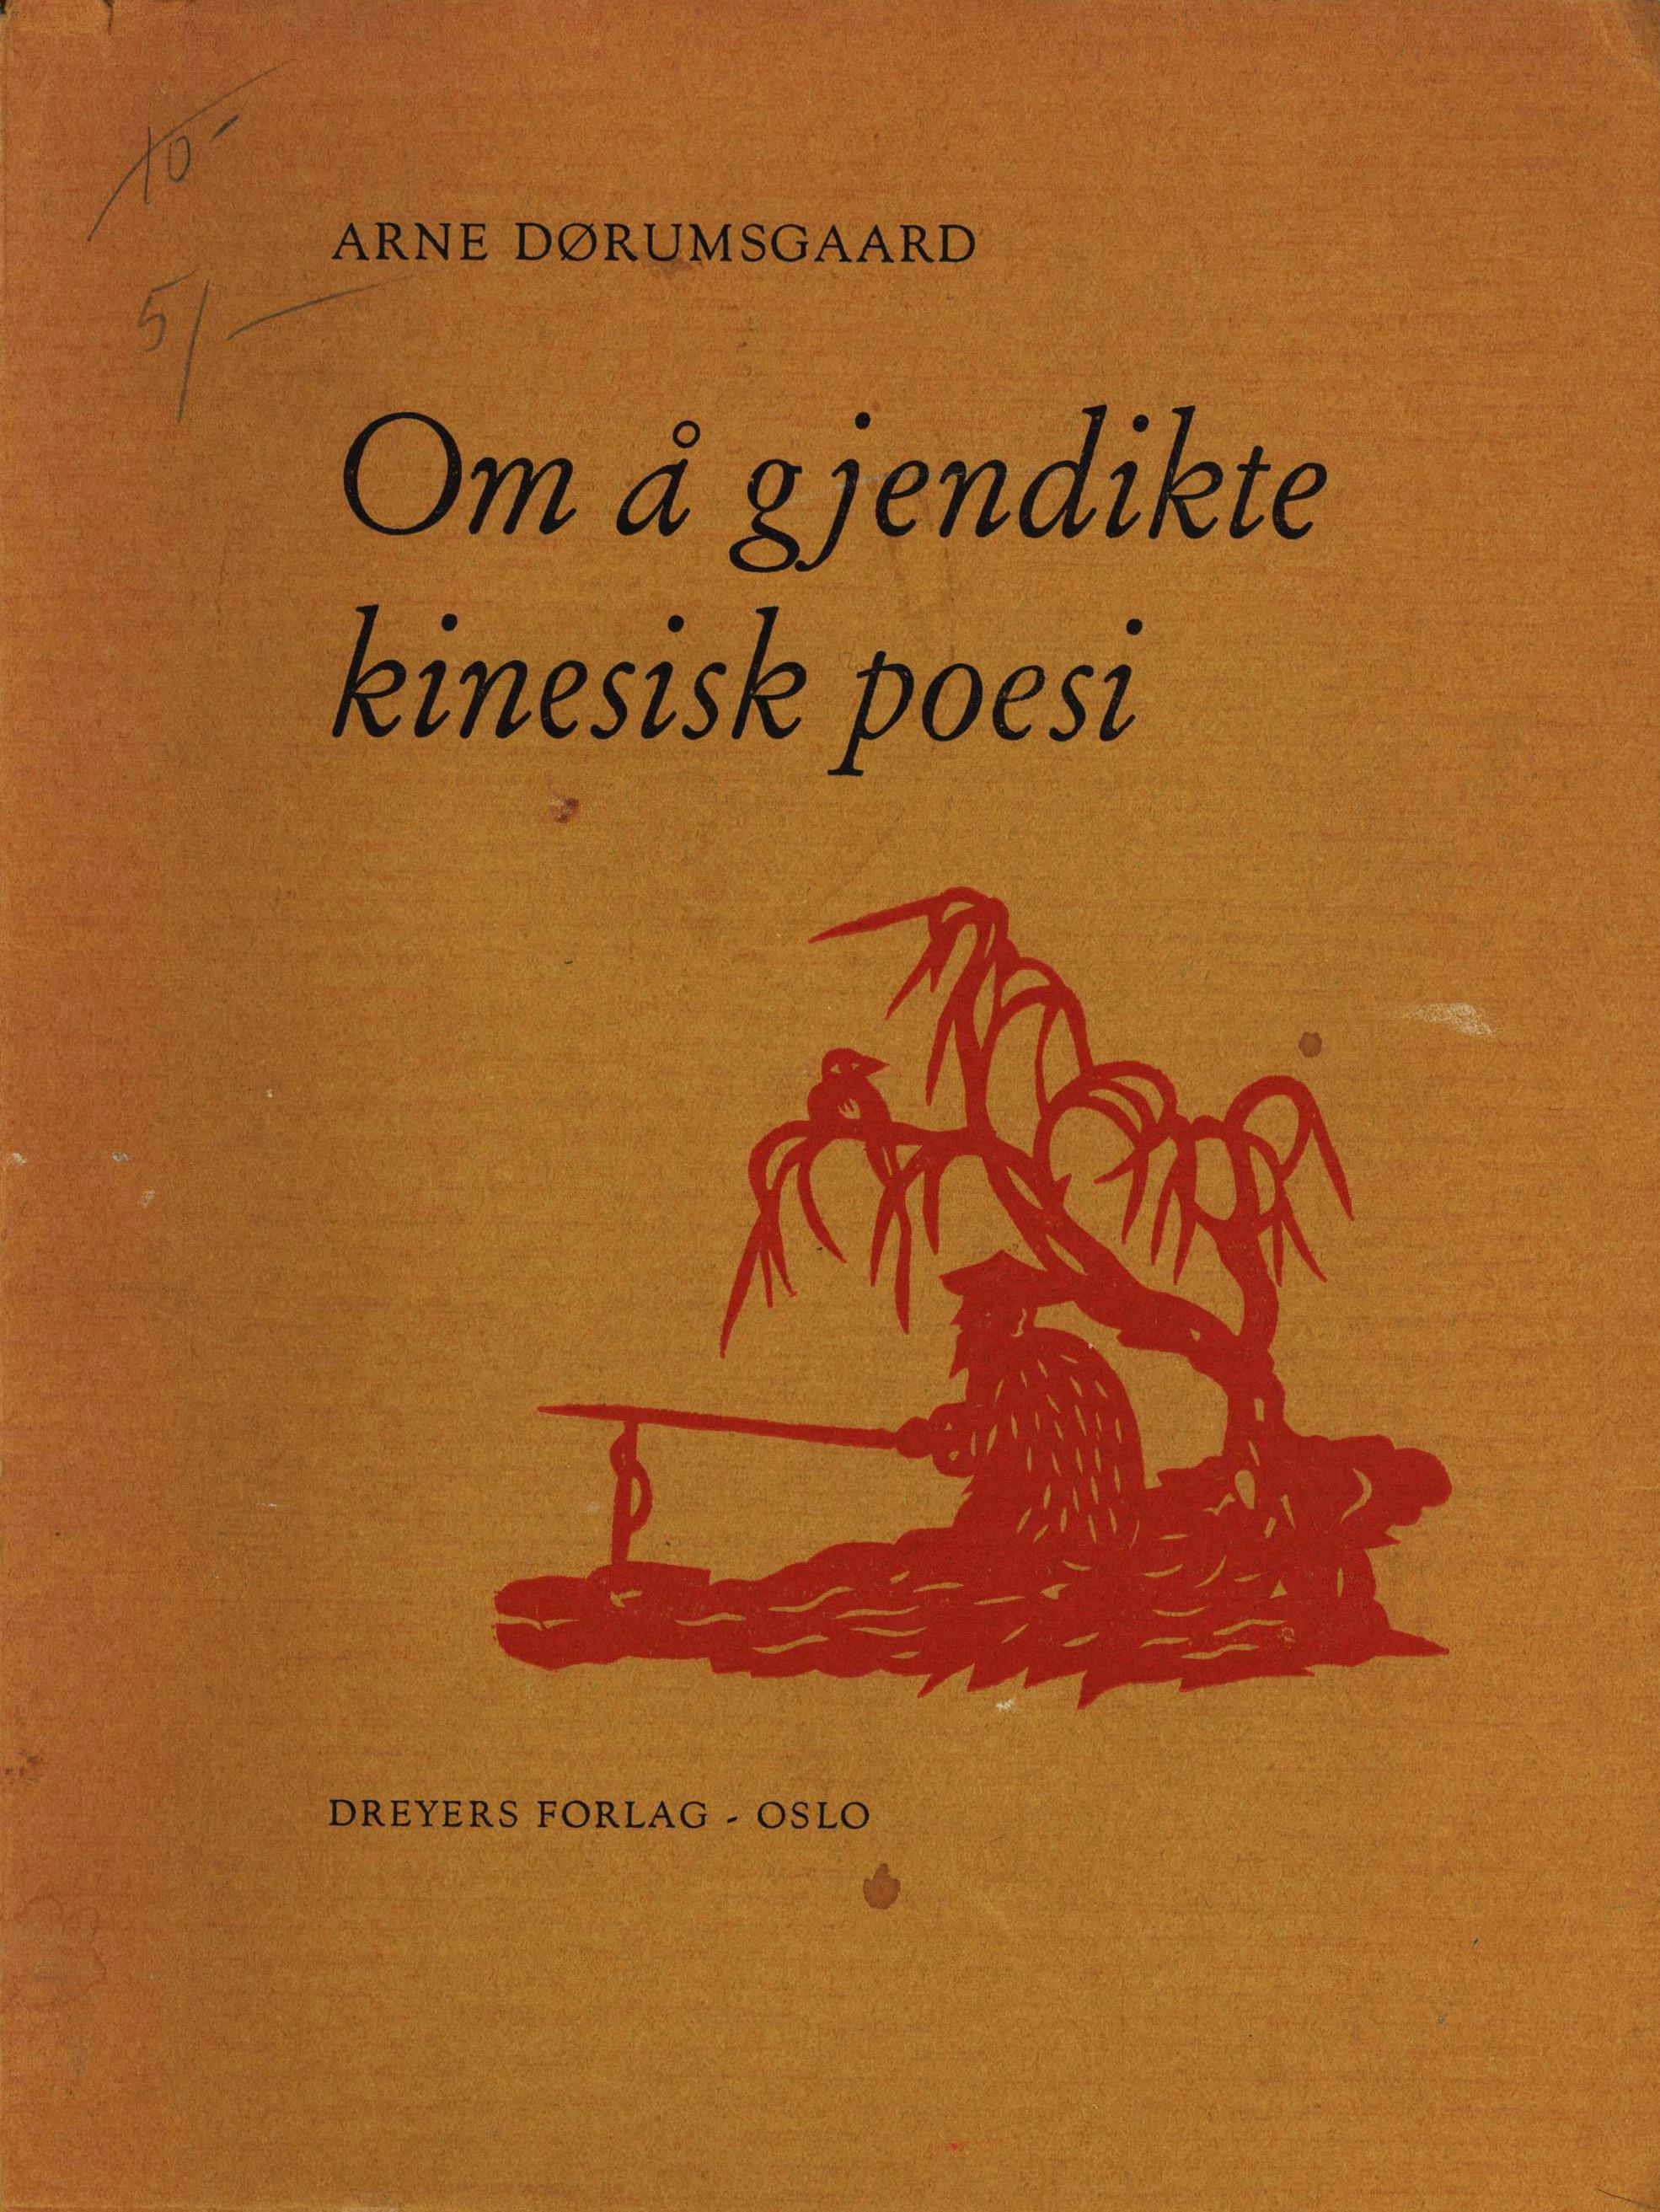 Arne Dørumsgaard: Om å gjendikte kinesisk filosofi